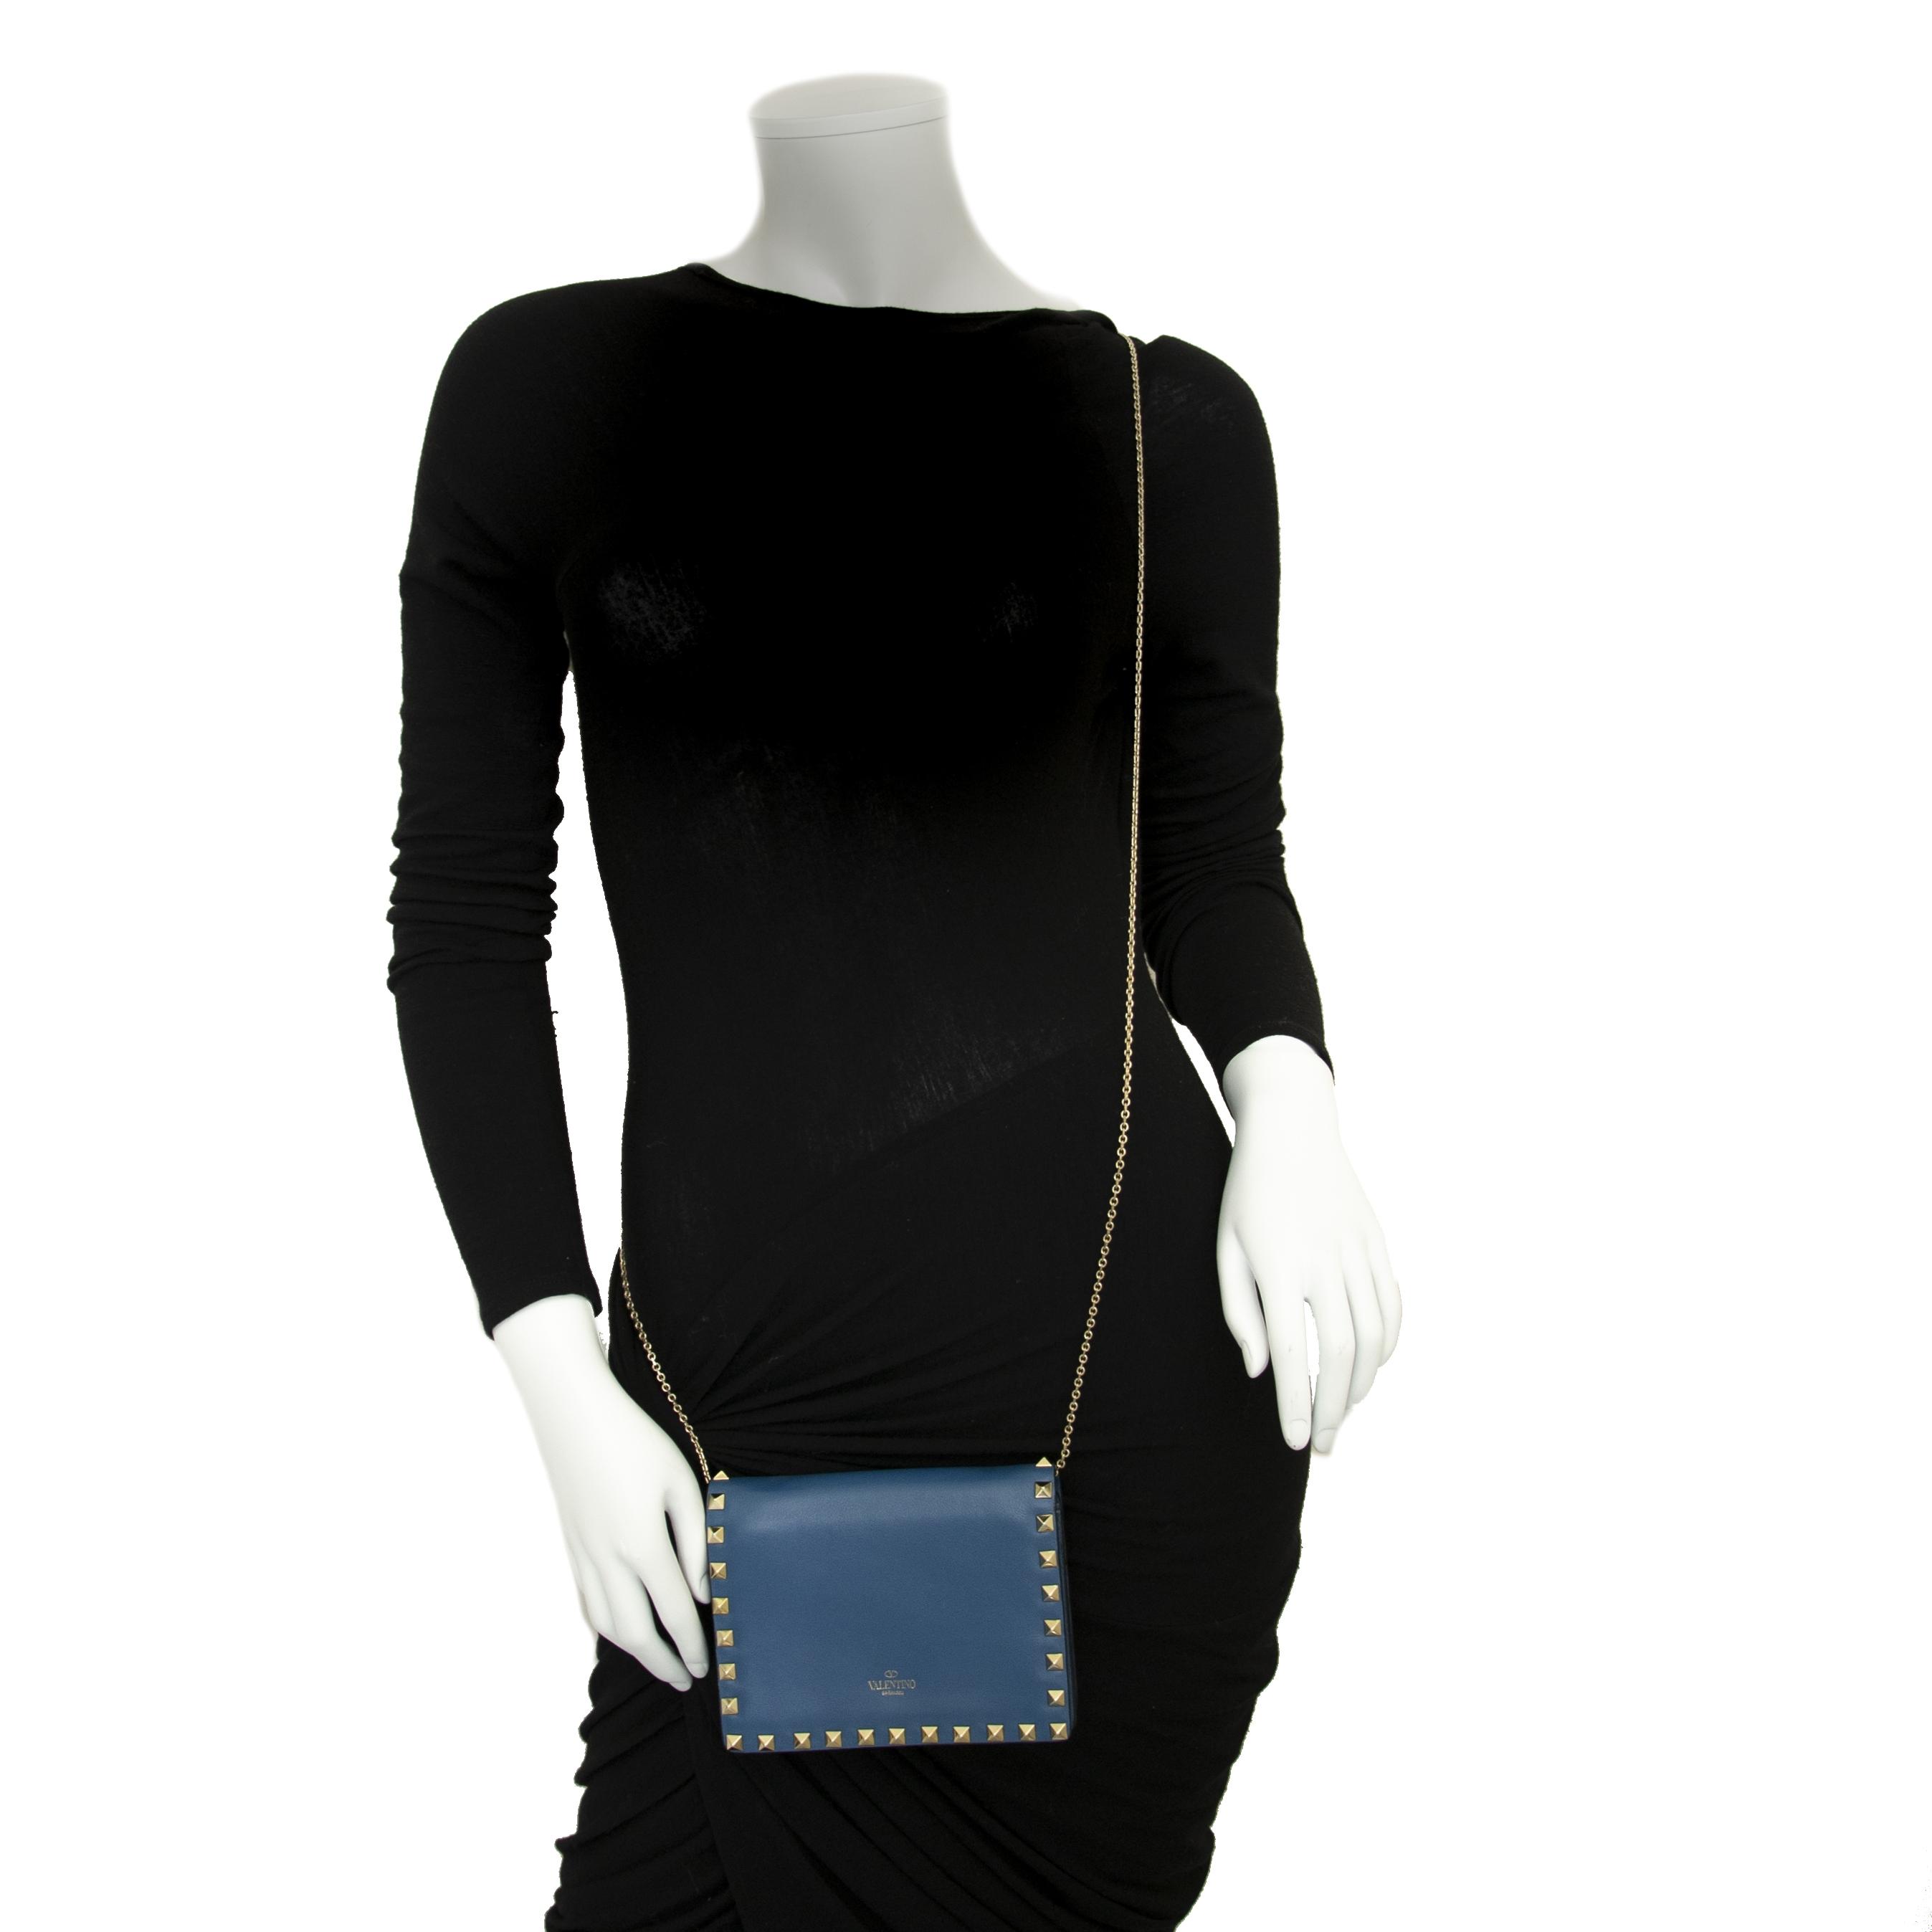 Valentino Blue Mini Rockstud Chain Shoulder Bag en ligne chez labellov.com pour le meilleur prix